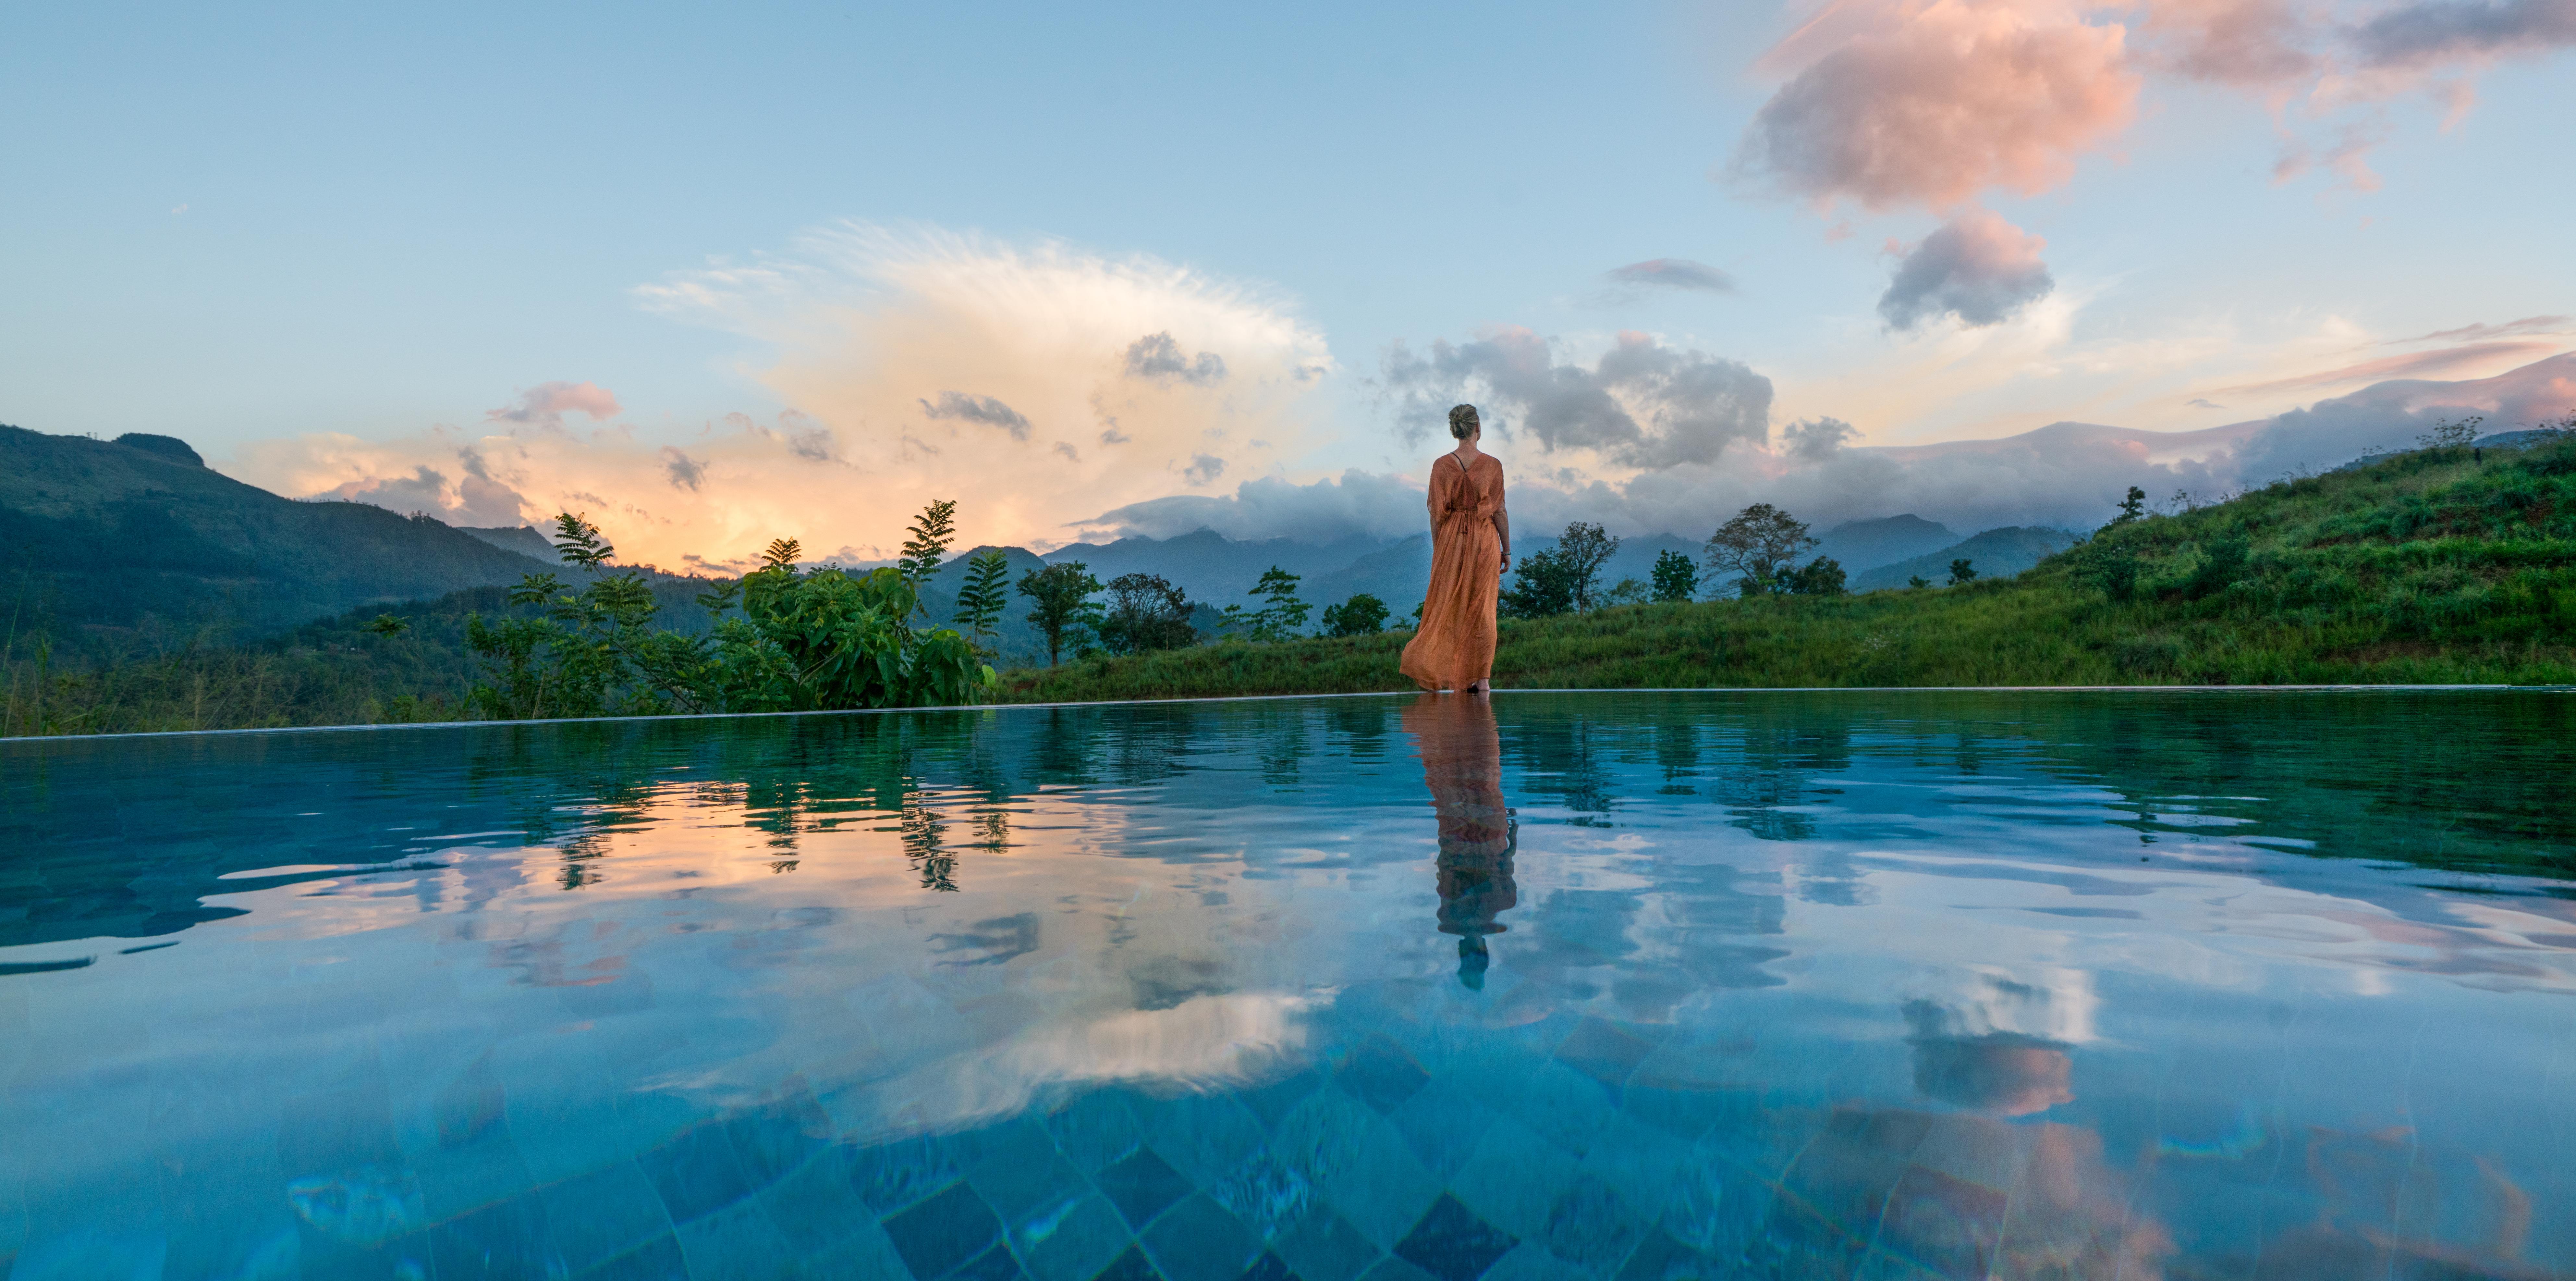 santani-pool-view